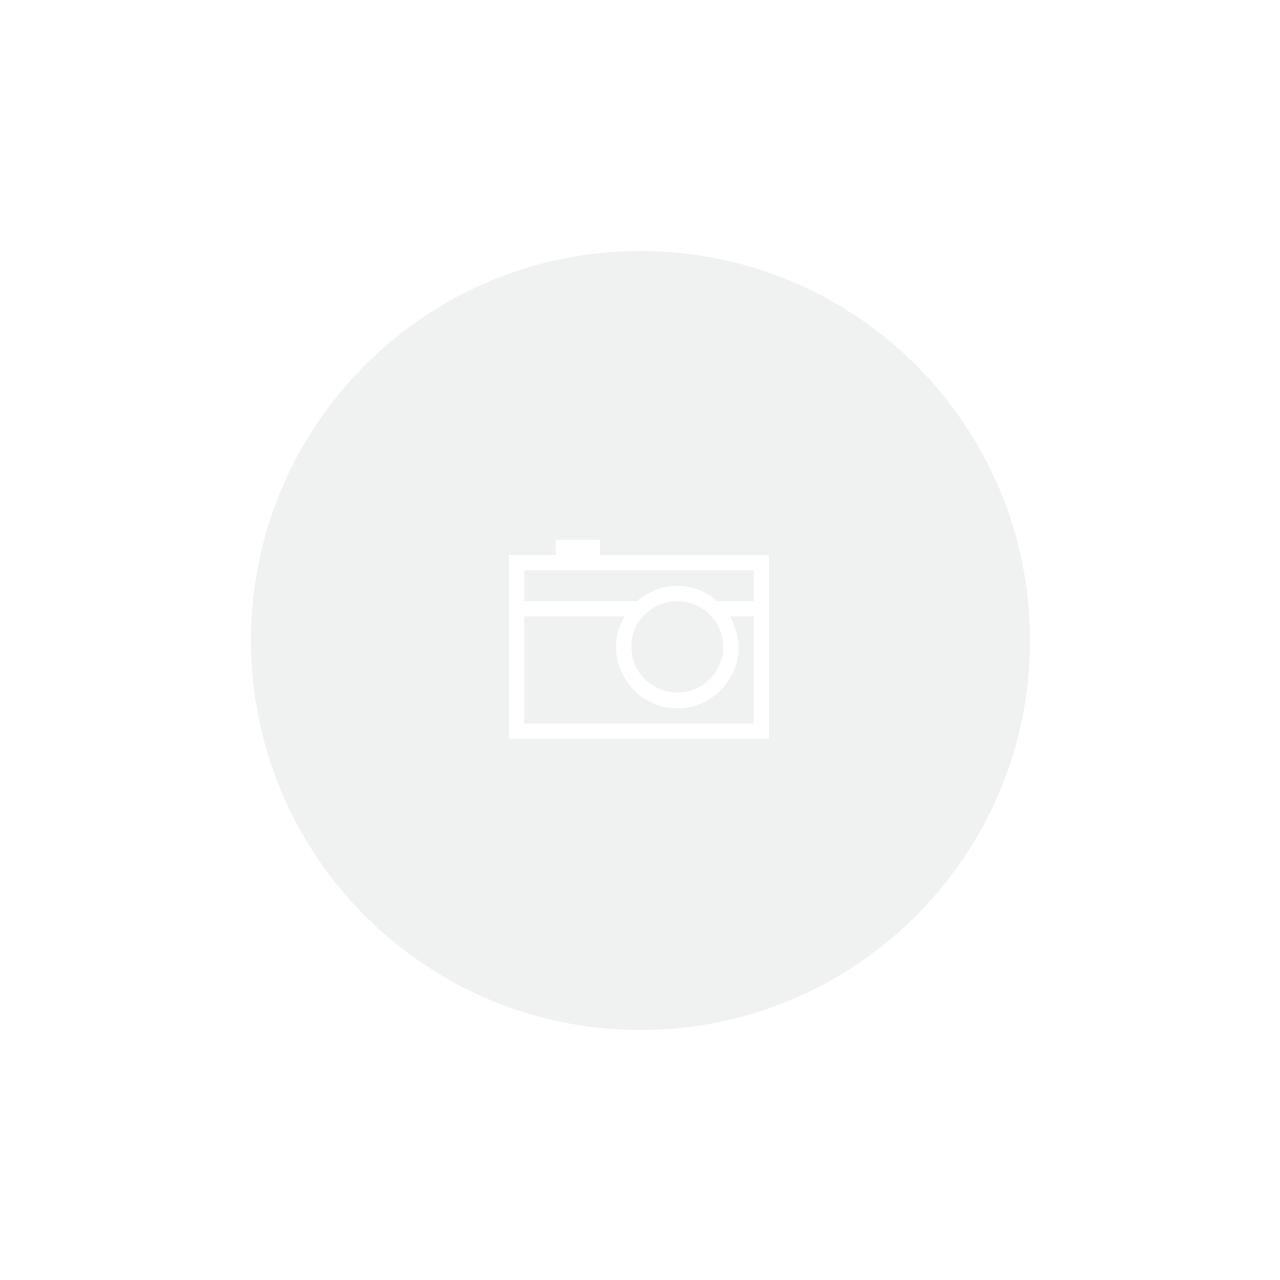 FAROL 1 LED SUPER 3 WATT 3F ELLEVEN CREE RECARREG. USB